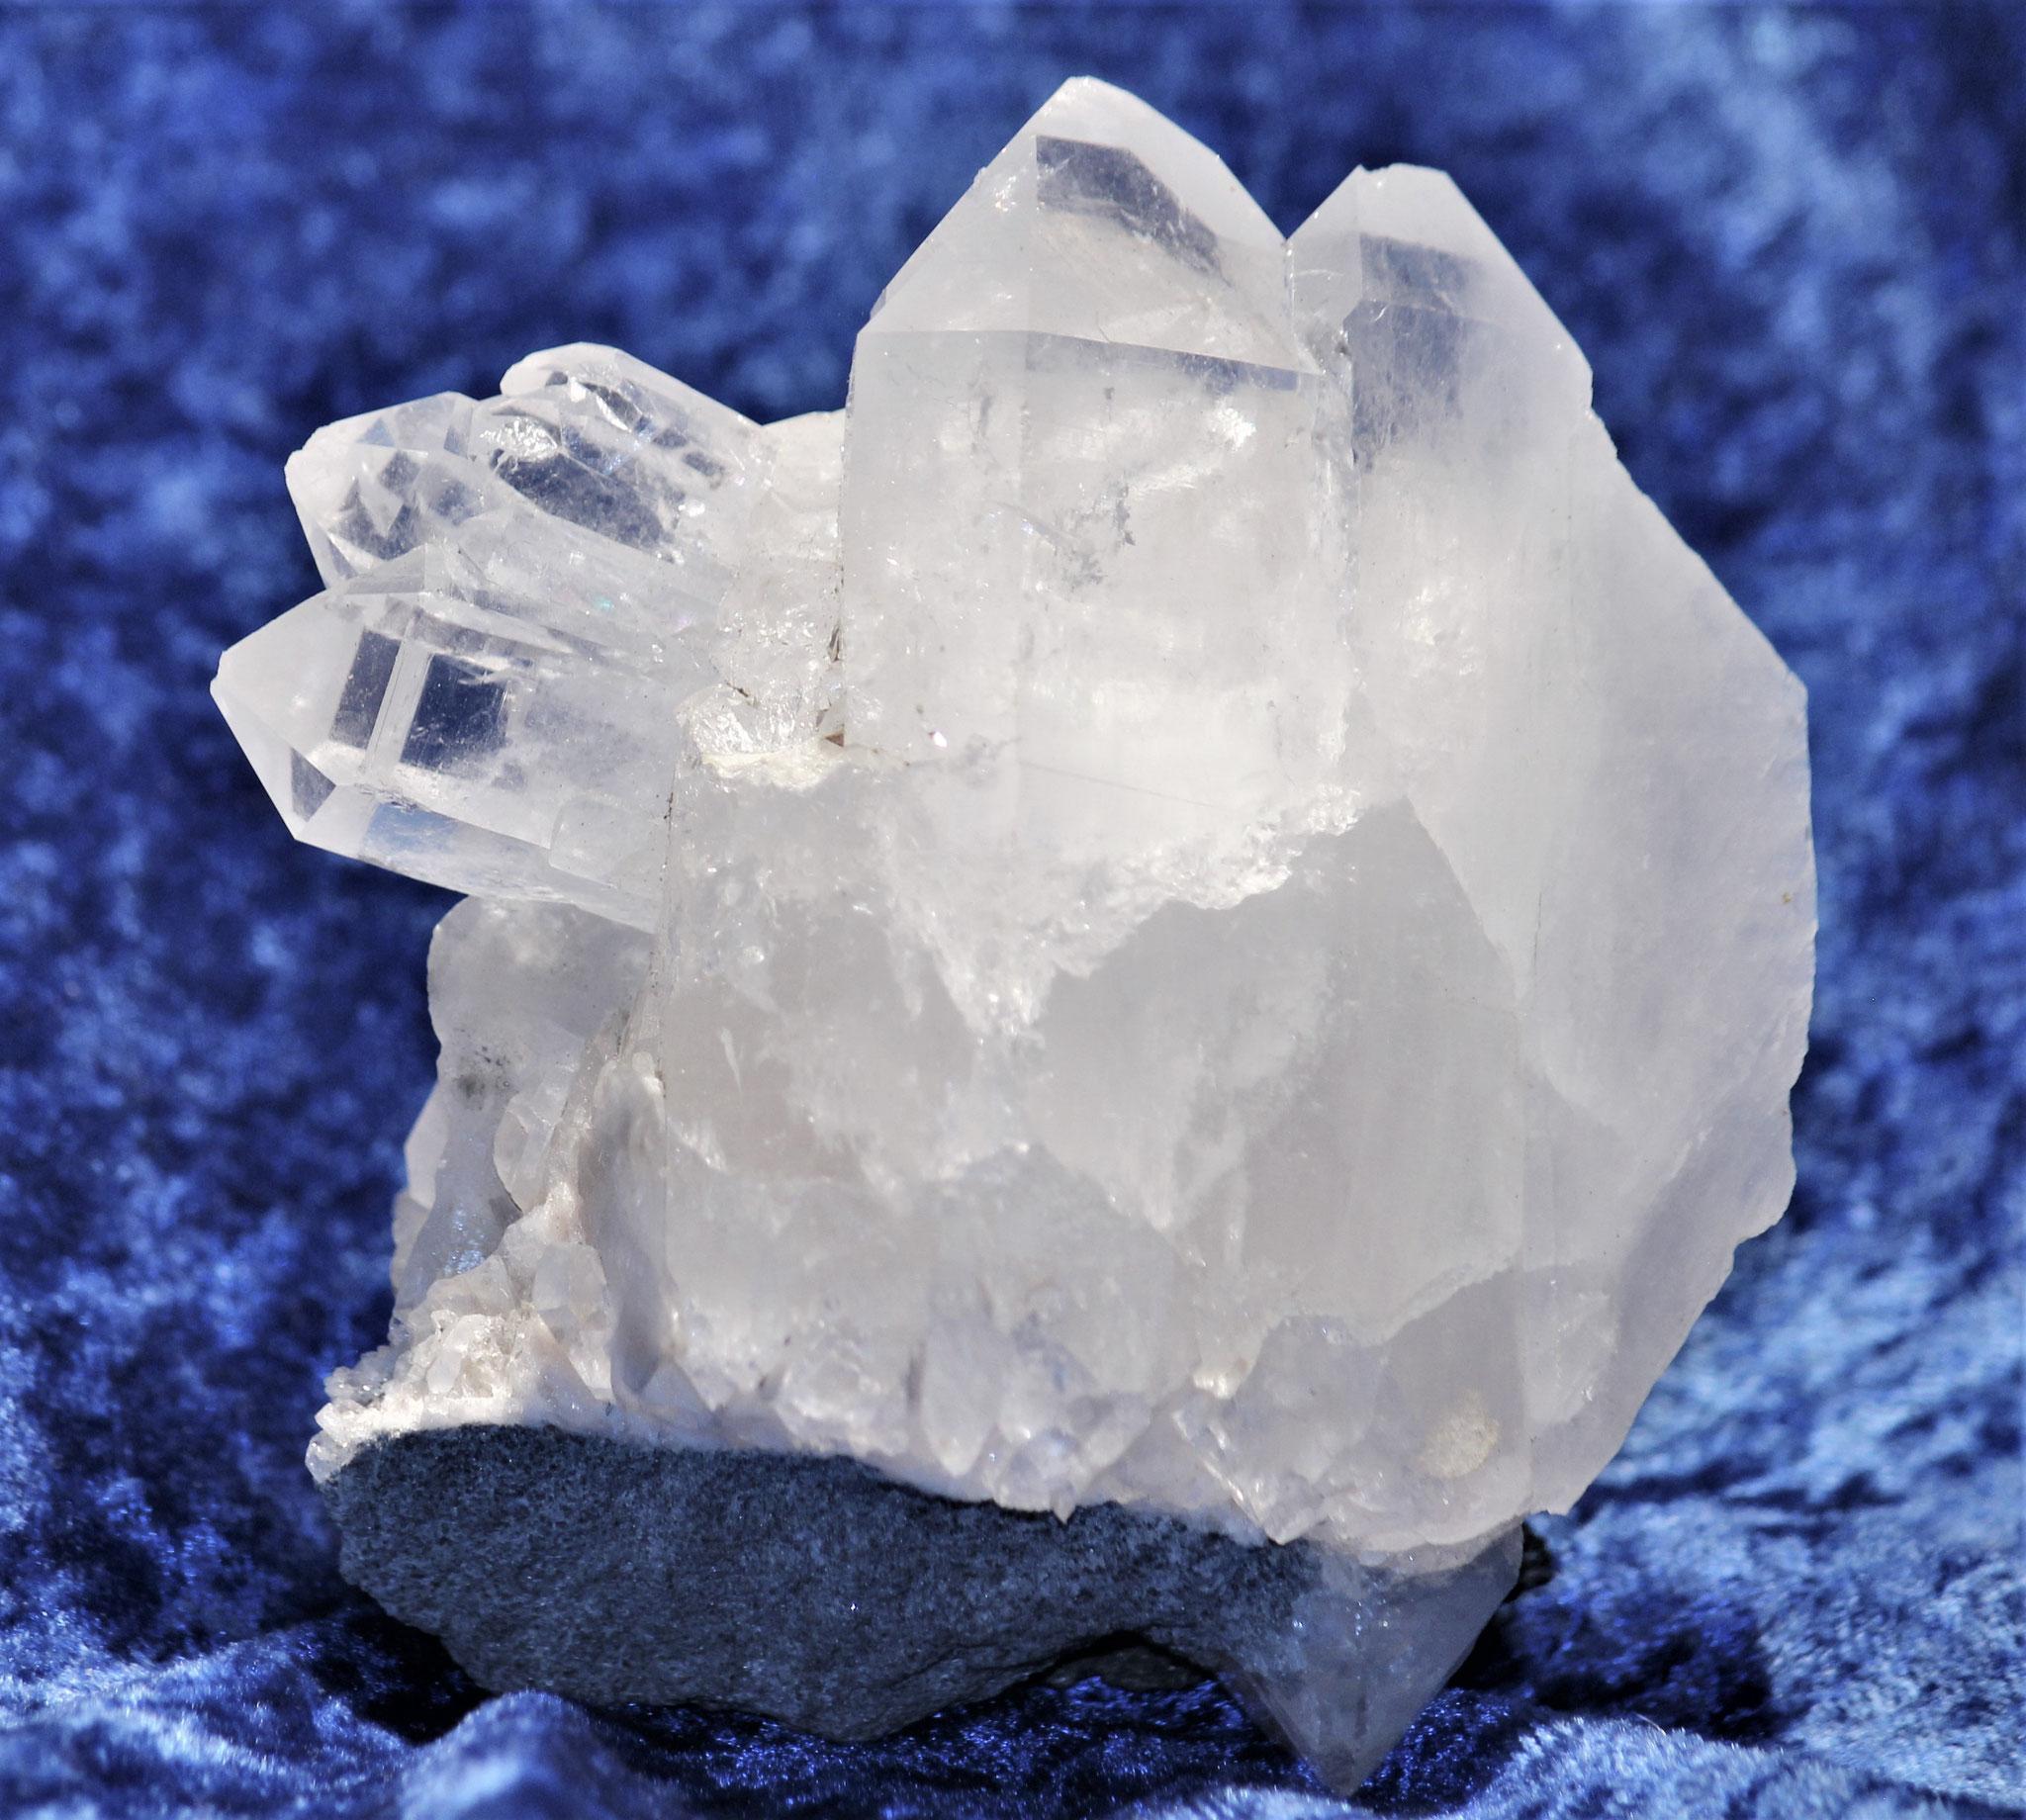 Bergkristall - Beverin